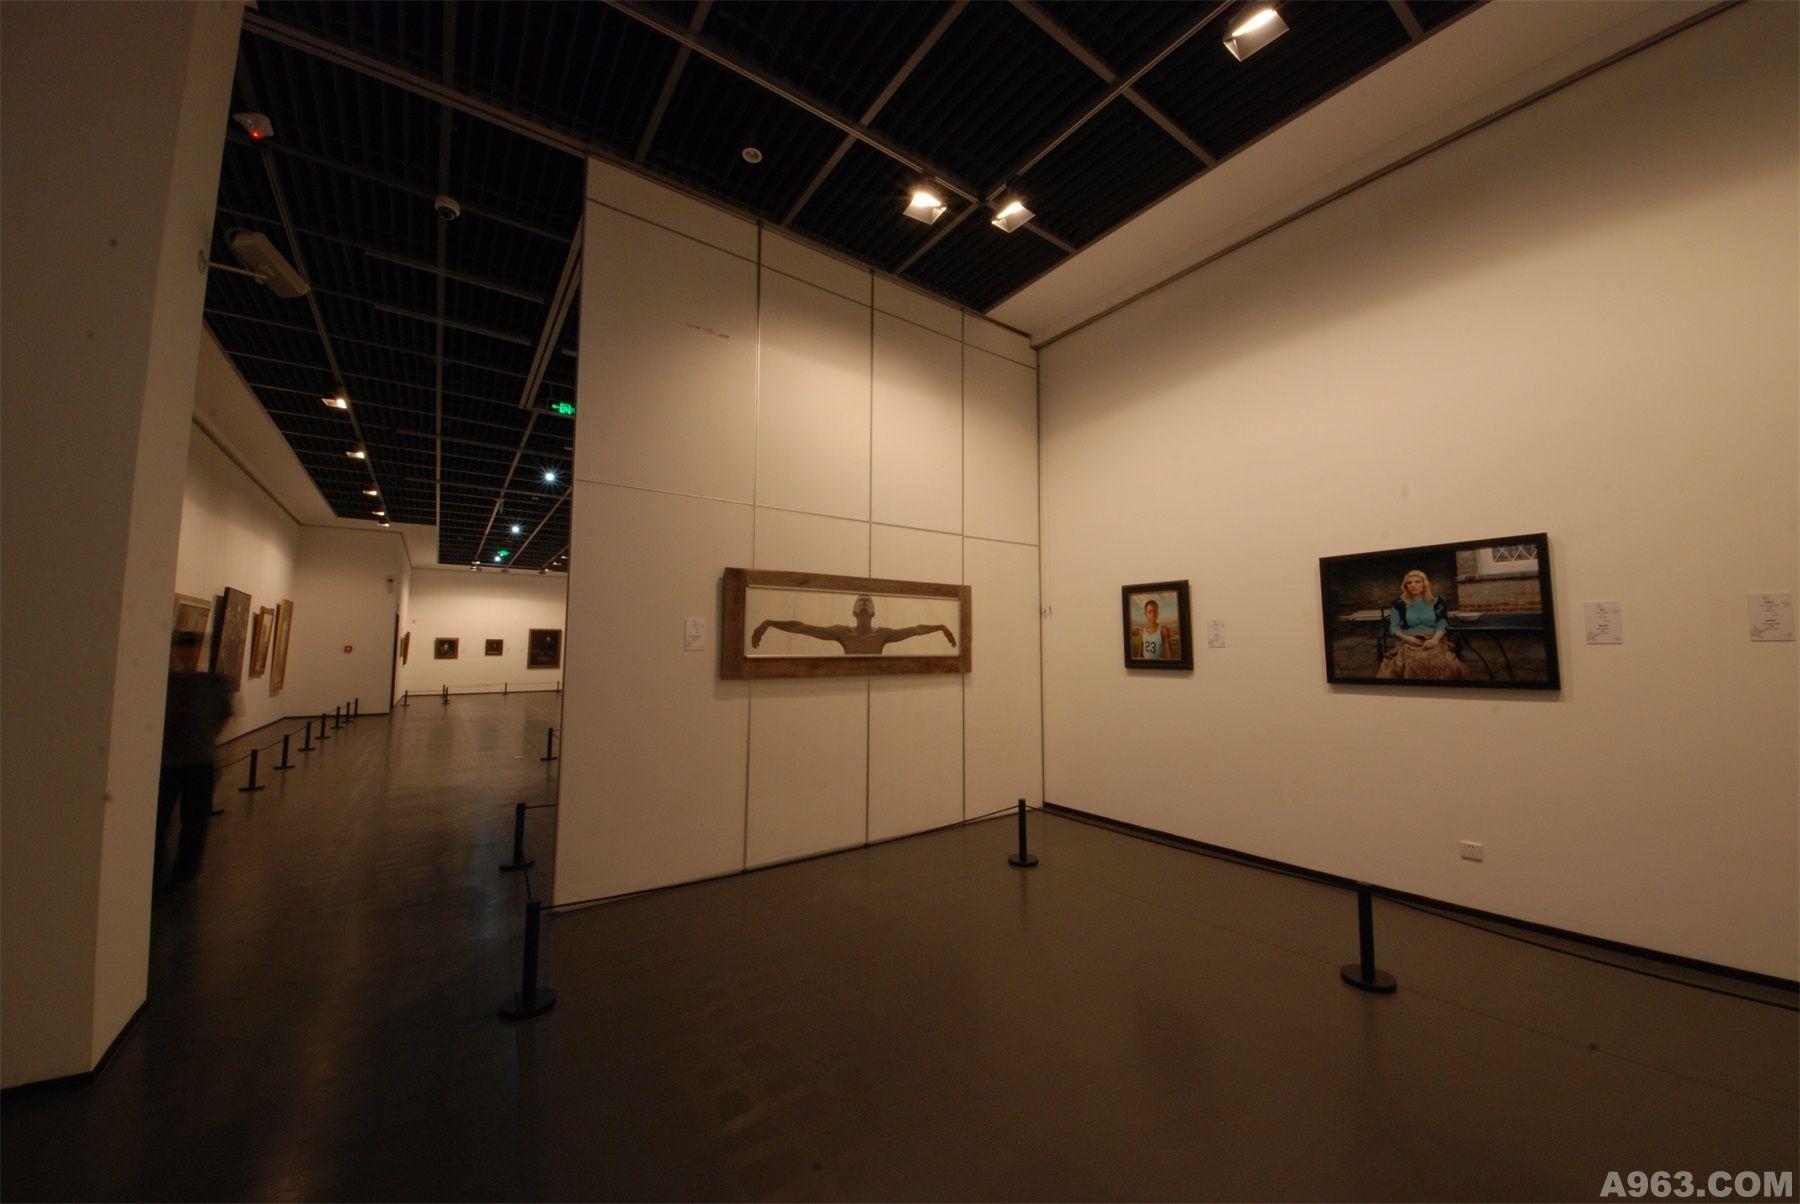 浙江省博物馆浙江西湖美术馆位于杭州市孤山路25号,建筑面积2780平方米,公共部分面积约为1365平方米,展厅面积约为1415平方米,共分三层,负一层南半部分展厅层高约4.2米,北半部分展厅层高约为6.5米;一层展厅层高约为6.5米;二层展厅层高约为5米。 本次设计目的在于看不见设计,我们称之为消失的设计。即设计的合理性,让一切都看起来那么的协调,顺眼。而非刻意。 灯光是展陈设计的灵魂,美术馆非常注重灯光设计,由此本次设计采用的灯光为国际一流品牌iGuzzini 展览区的整体灯光设计将采用嵌入式的智能化可